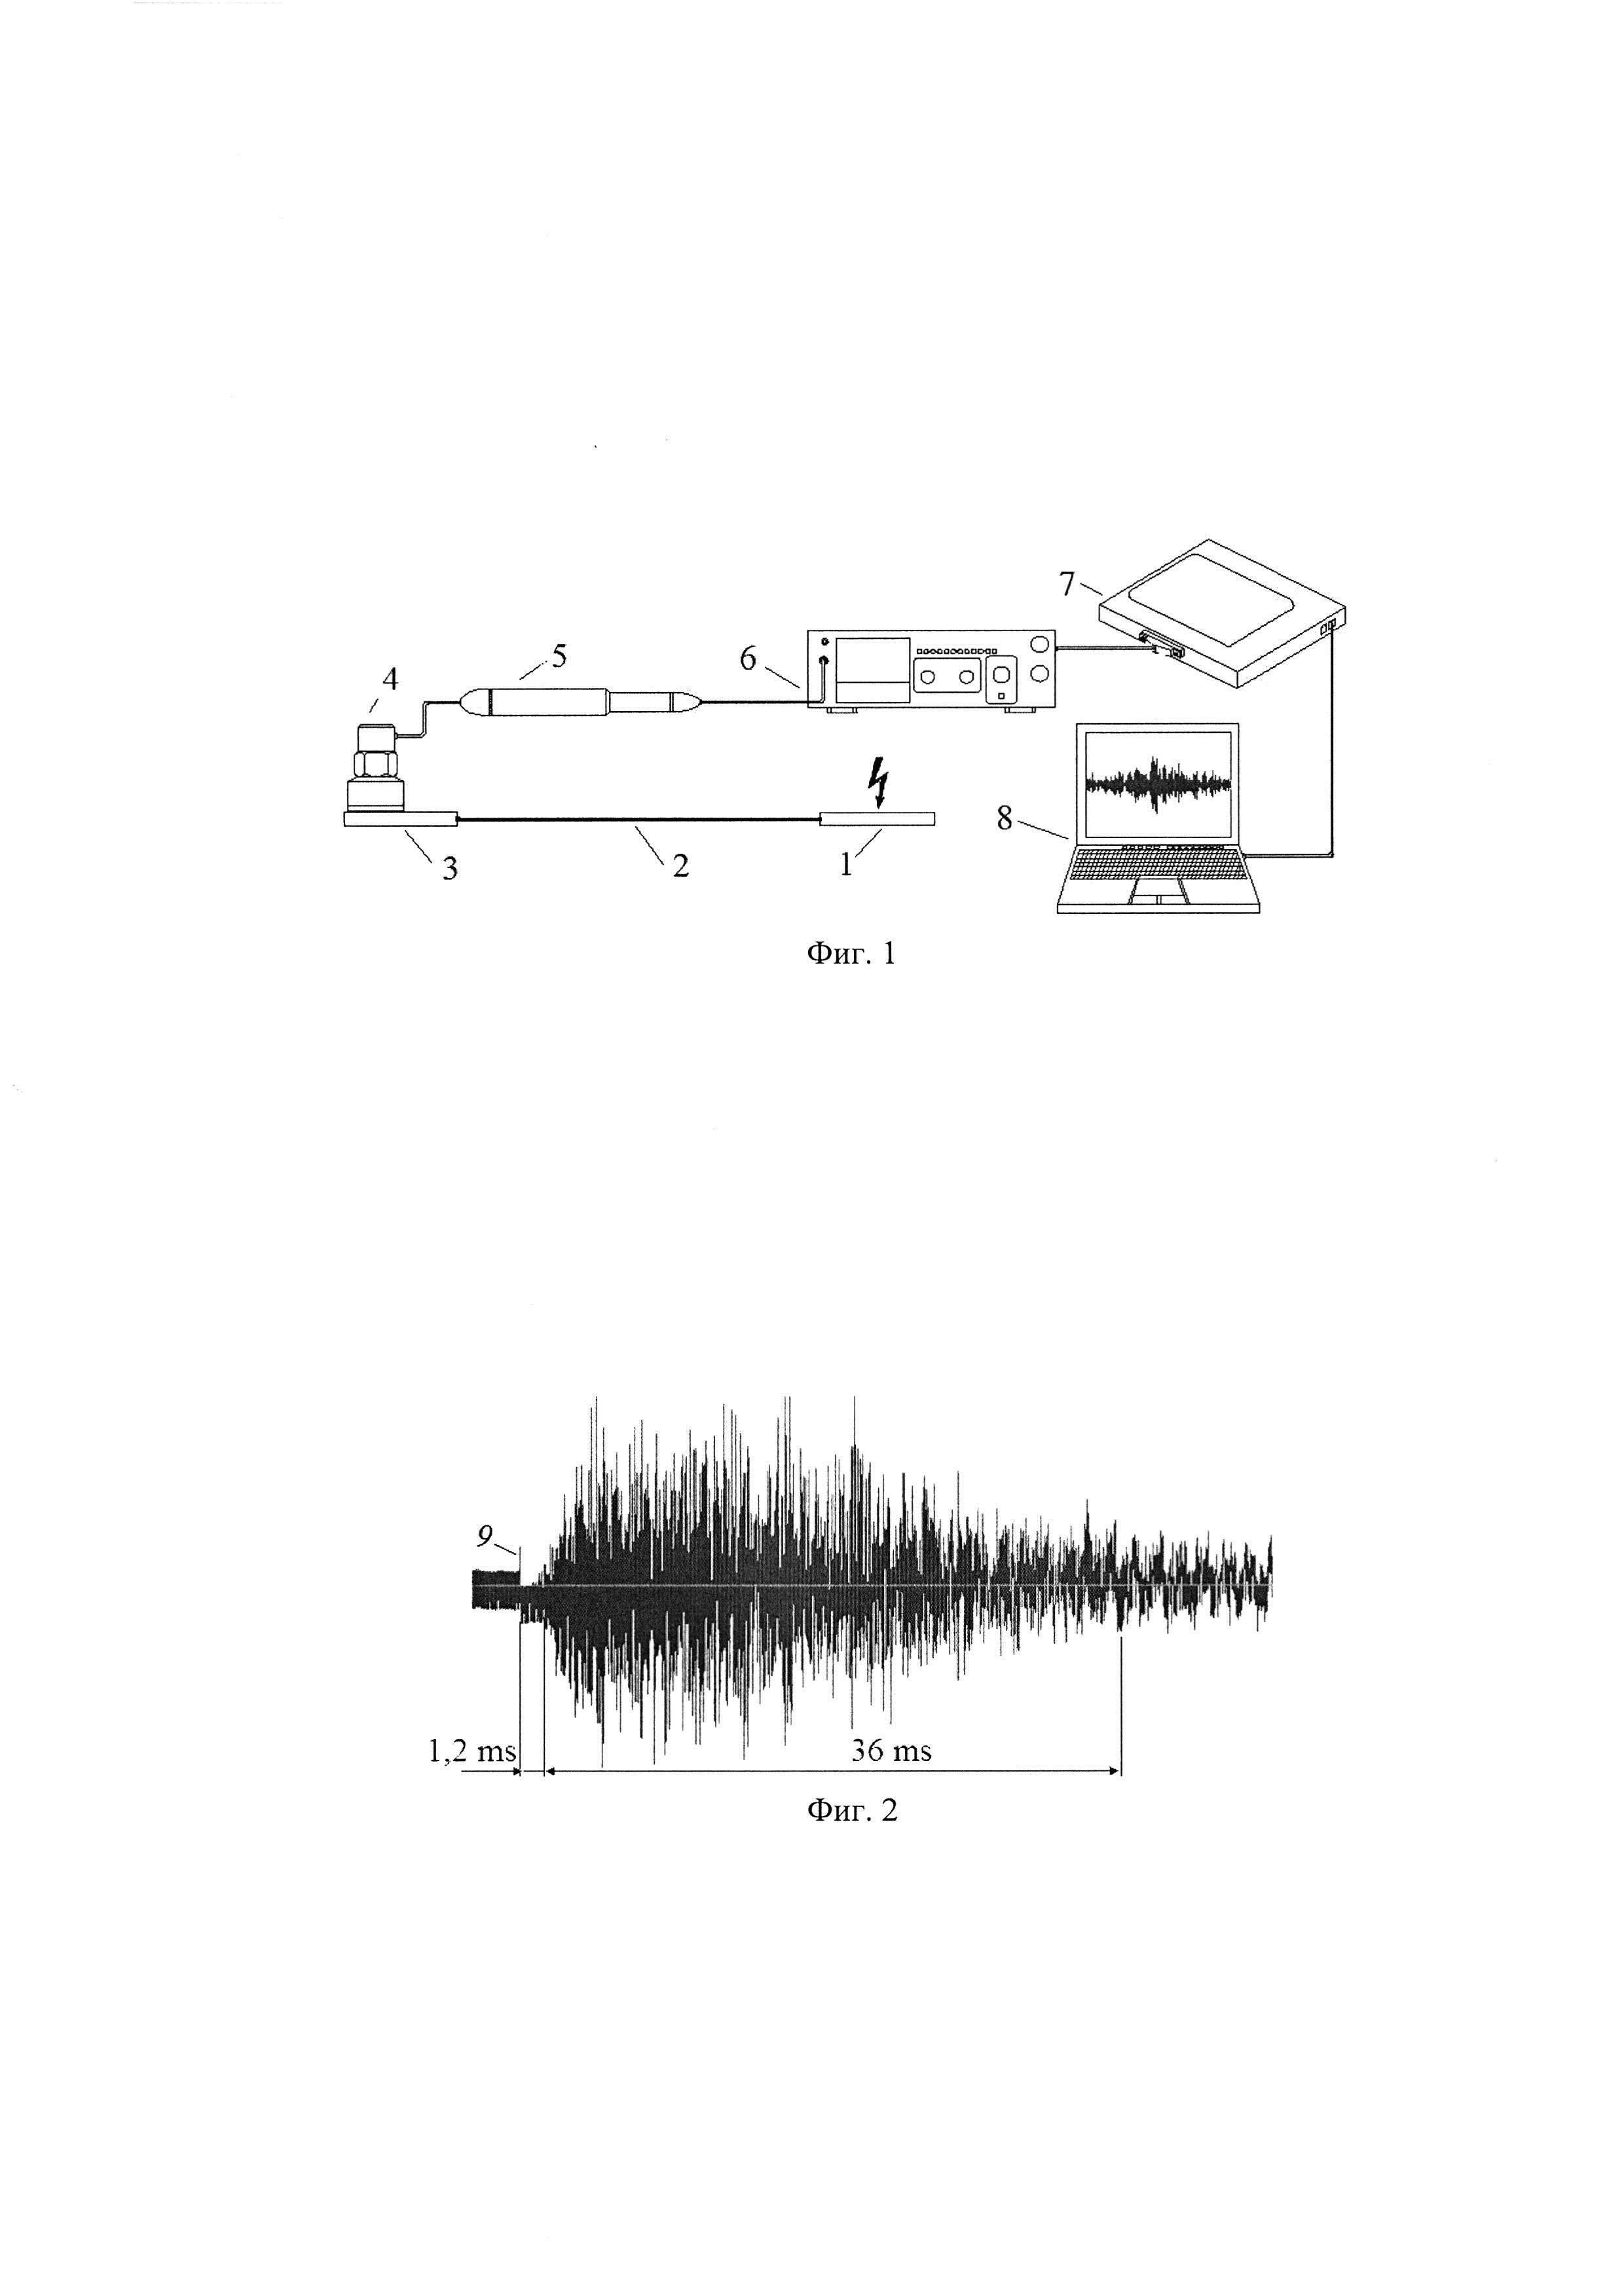 Способ оперативной оценки результатов электронно-пучкового термического воздействия на объекты в вакуумной камере